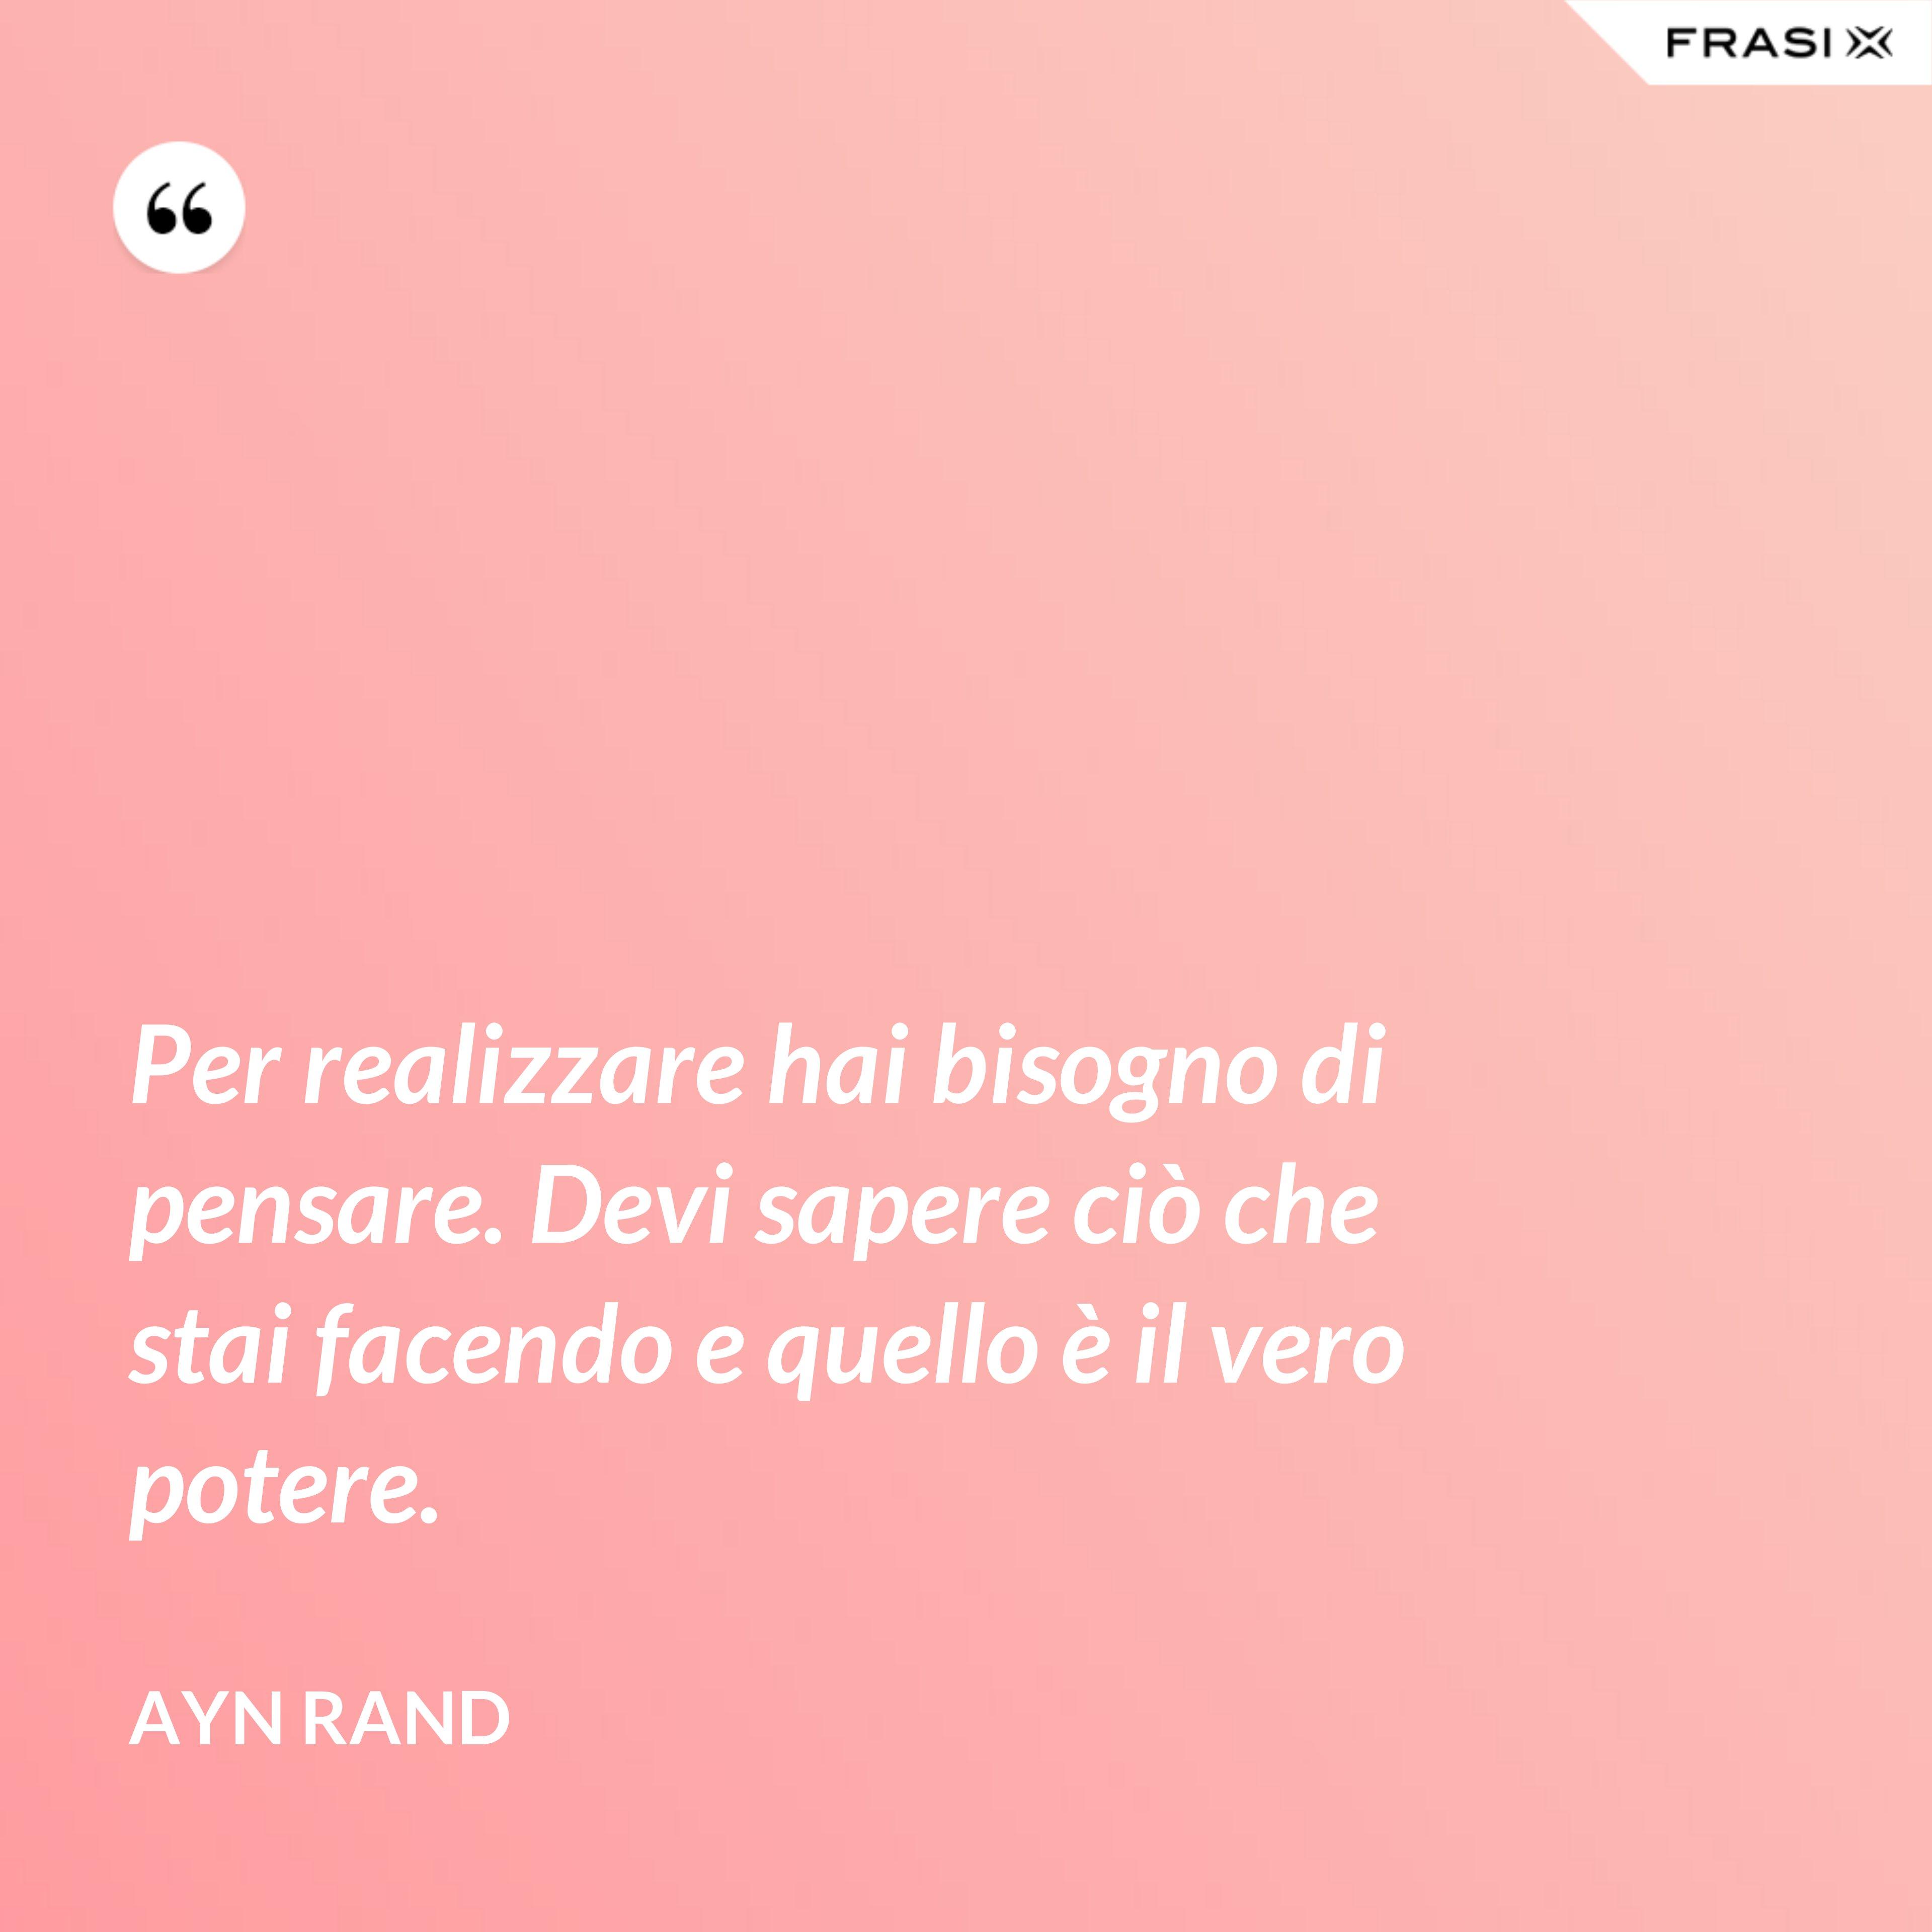 Per realizzare hai bisogno di pensare. Devi sapere ciò che stai facendo e quello è il vero potere. - Ayn Rand